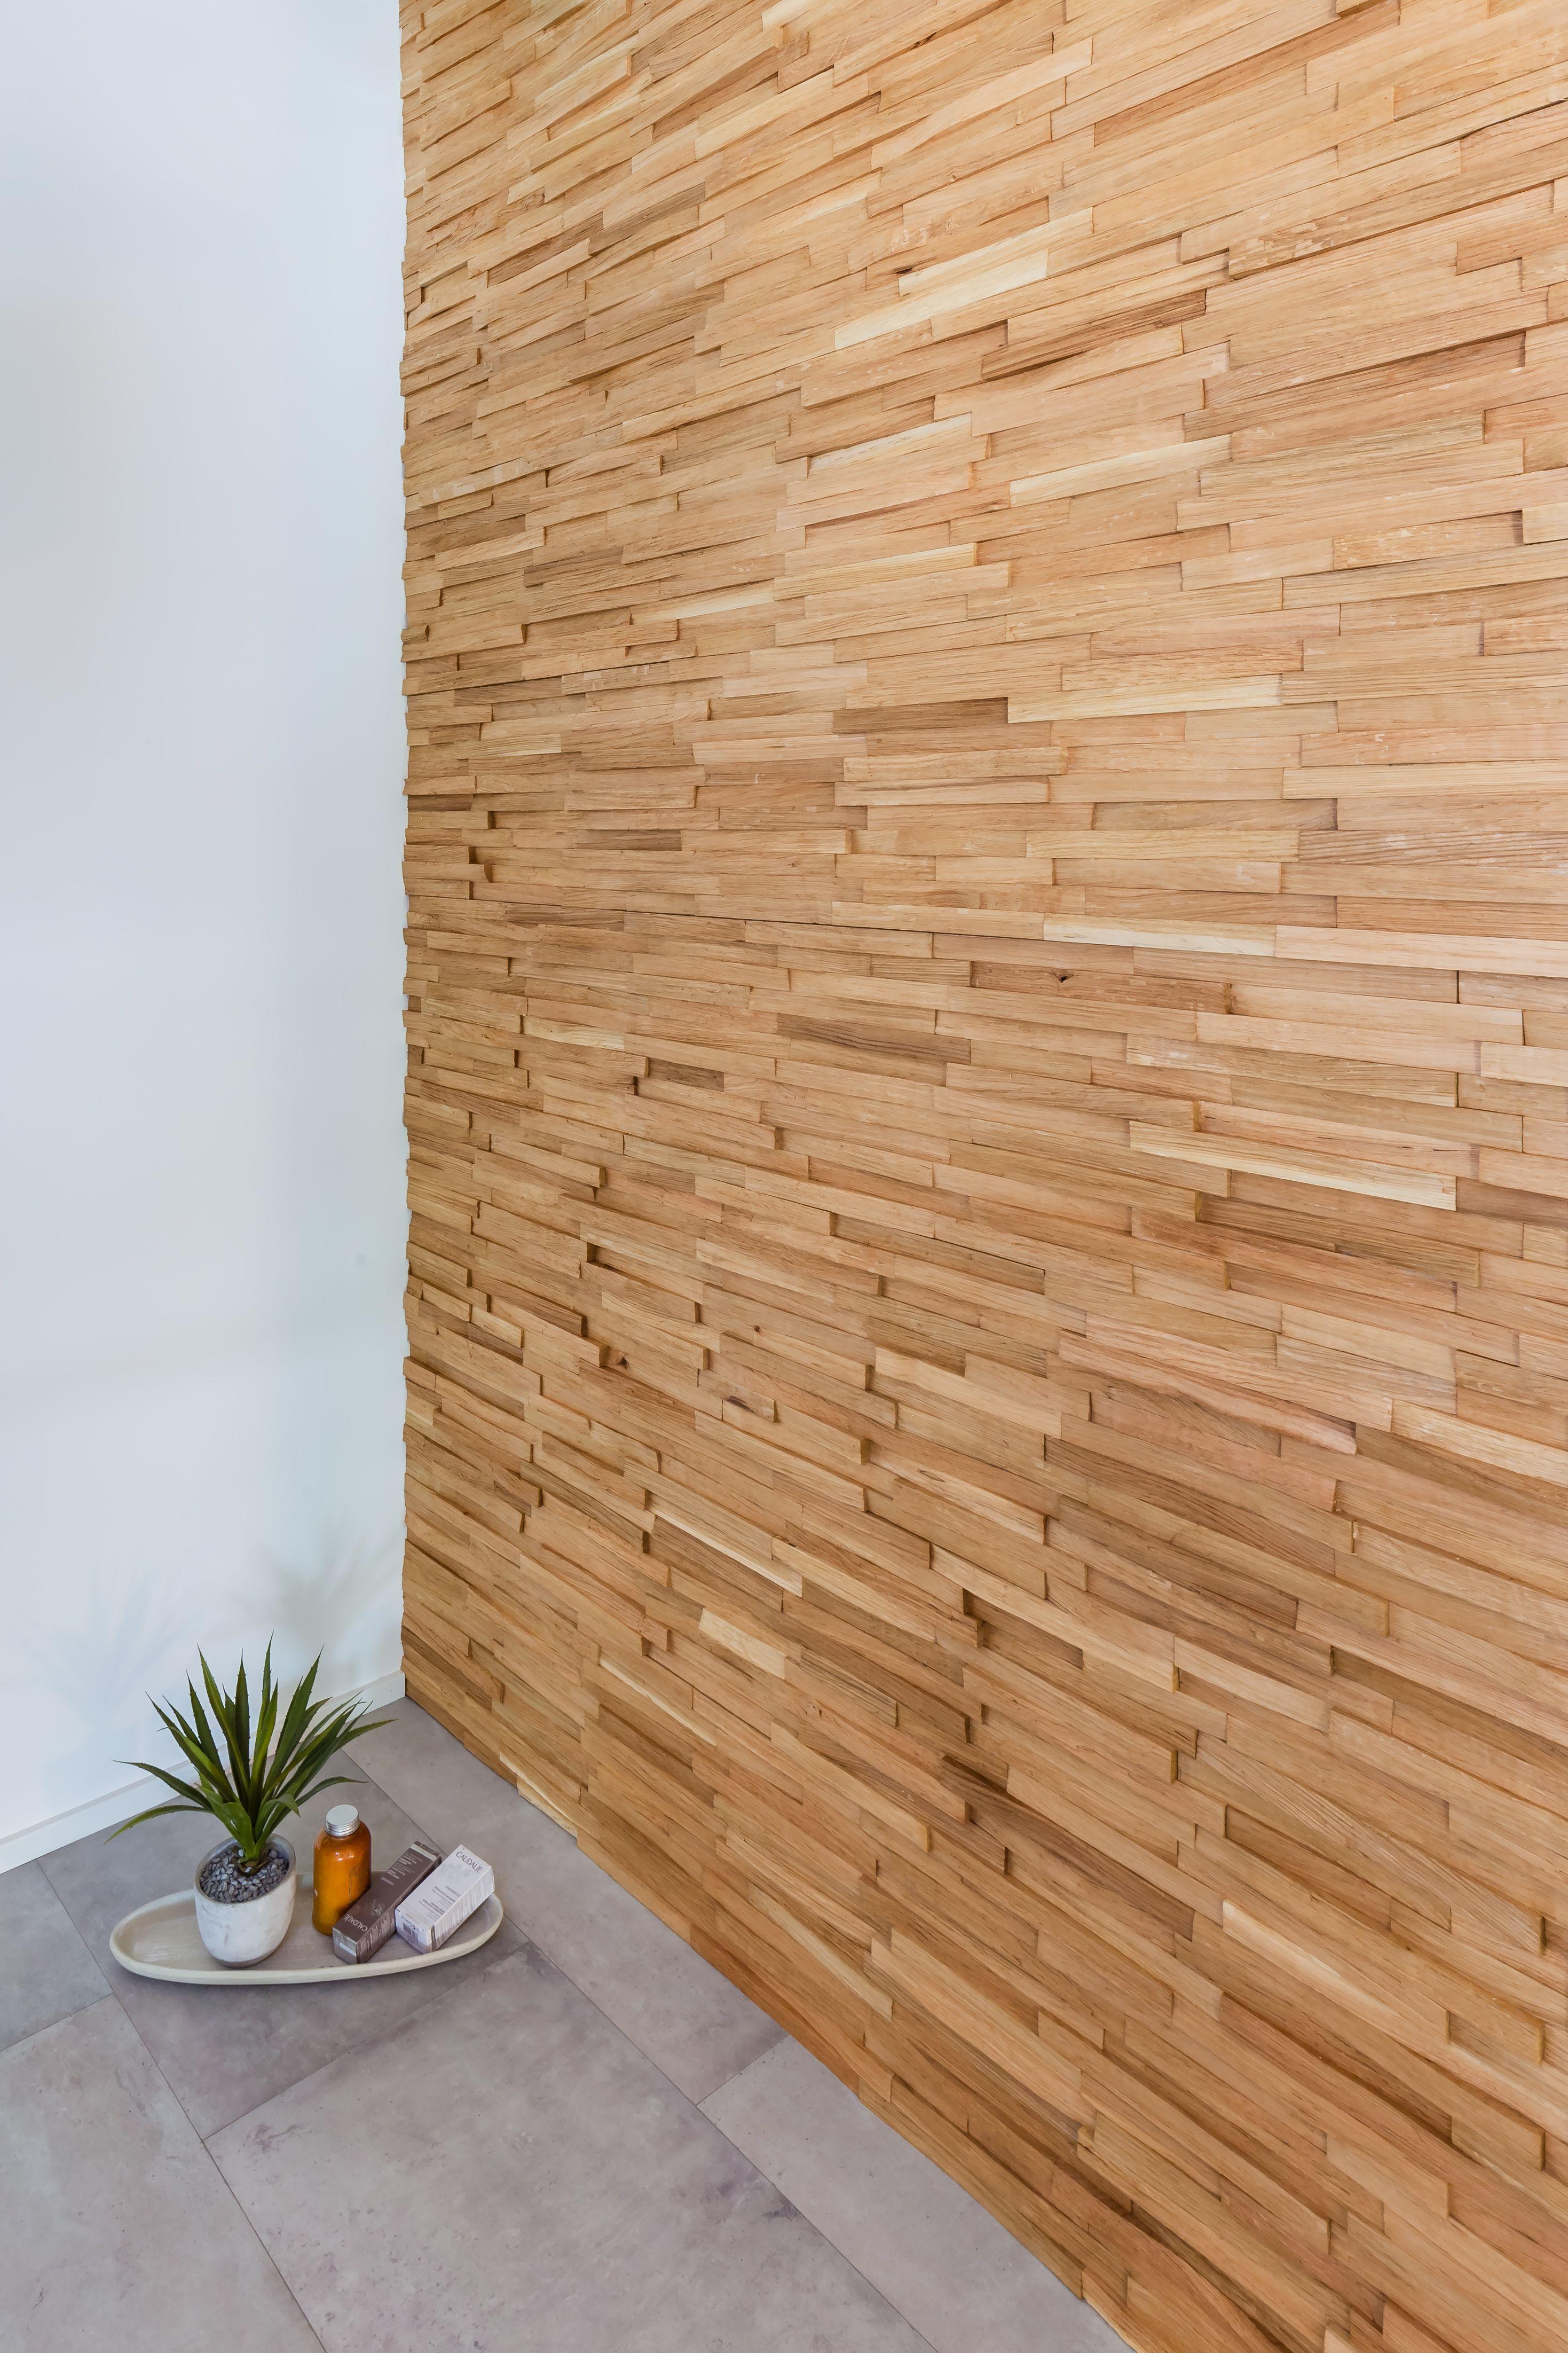 Stakkato Eiche Altholz Original Gehackt Diese Wandverkleidung Erzahlt Geschichte Sie Schafft In Ihren Raumen Ein Unvergleichli Altholz Wandverkleidung Holz